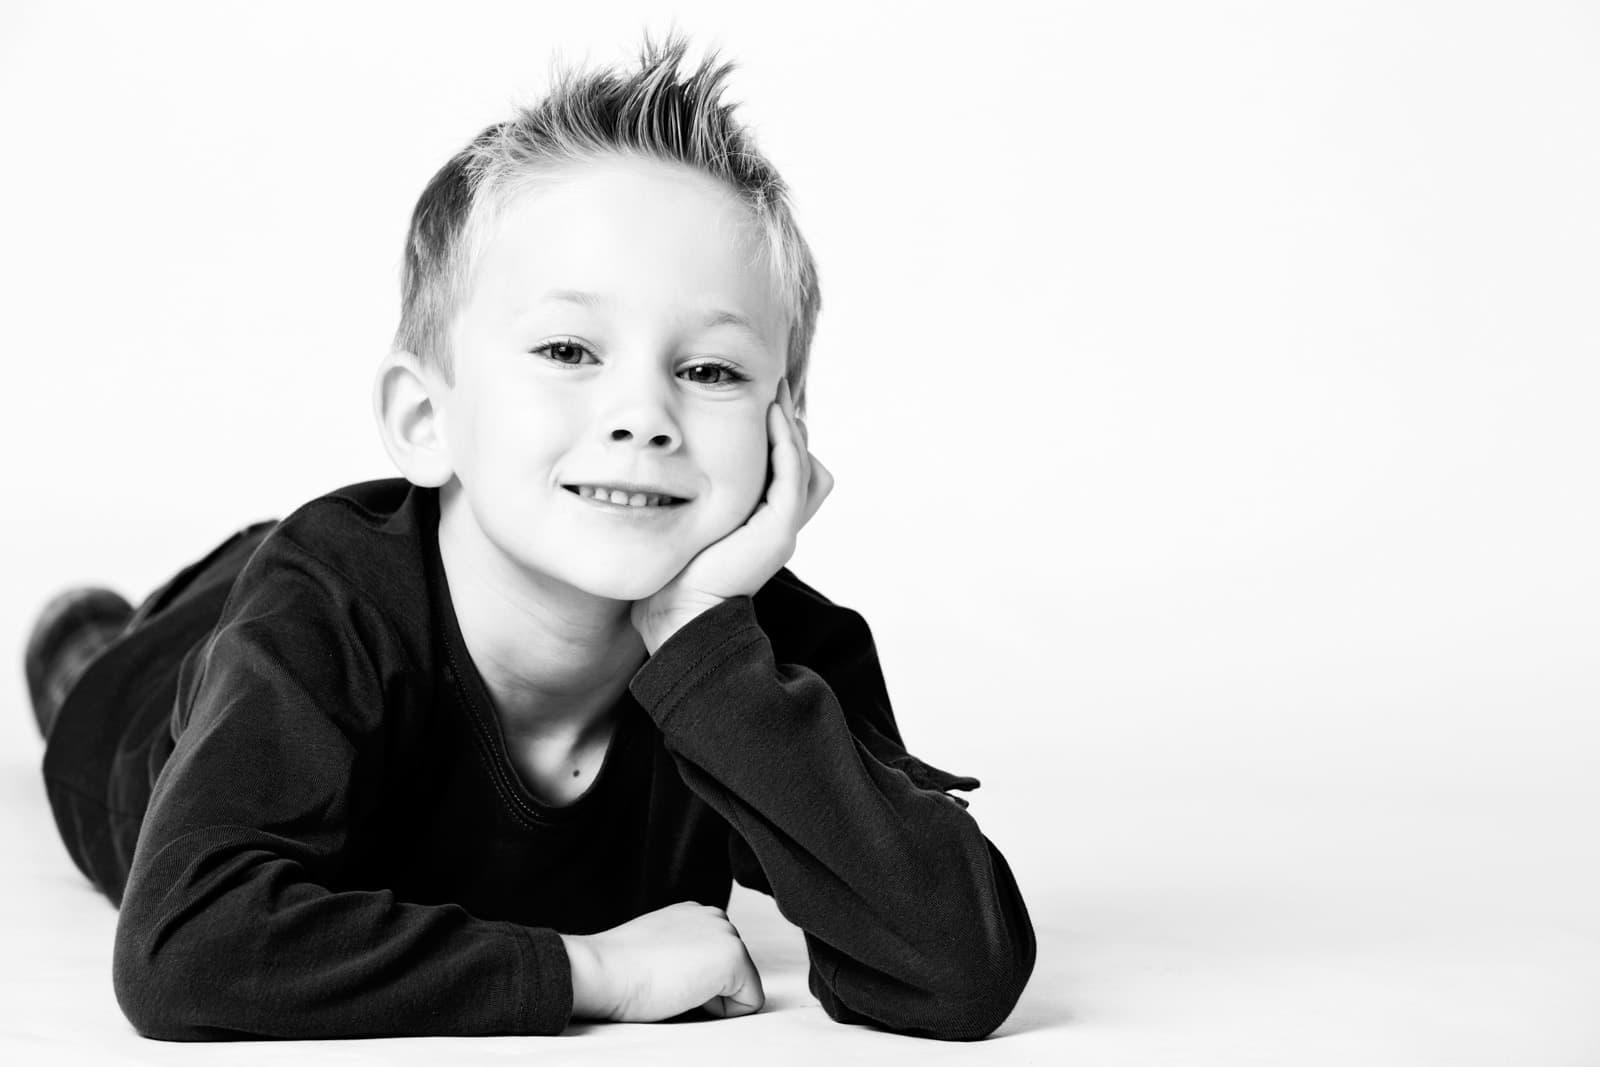 Sort/hvid portræt af børn